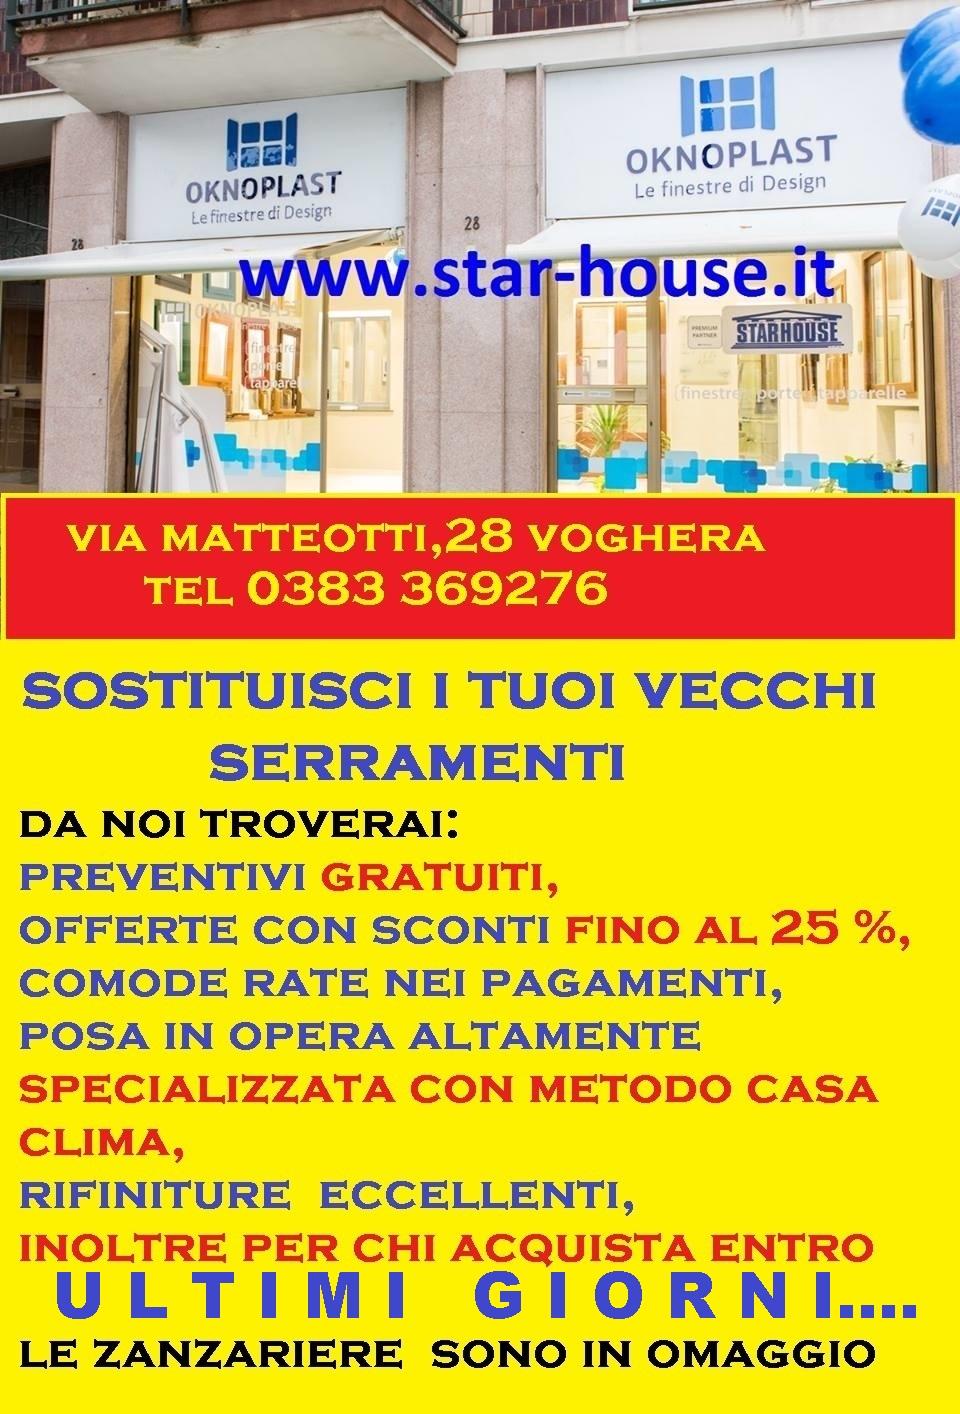 promoStarhouse